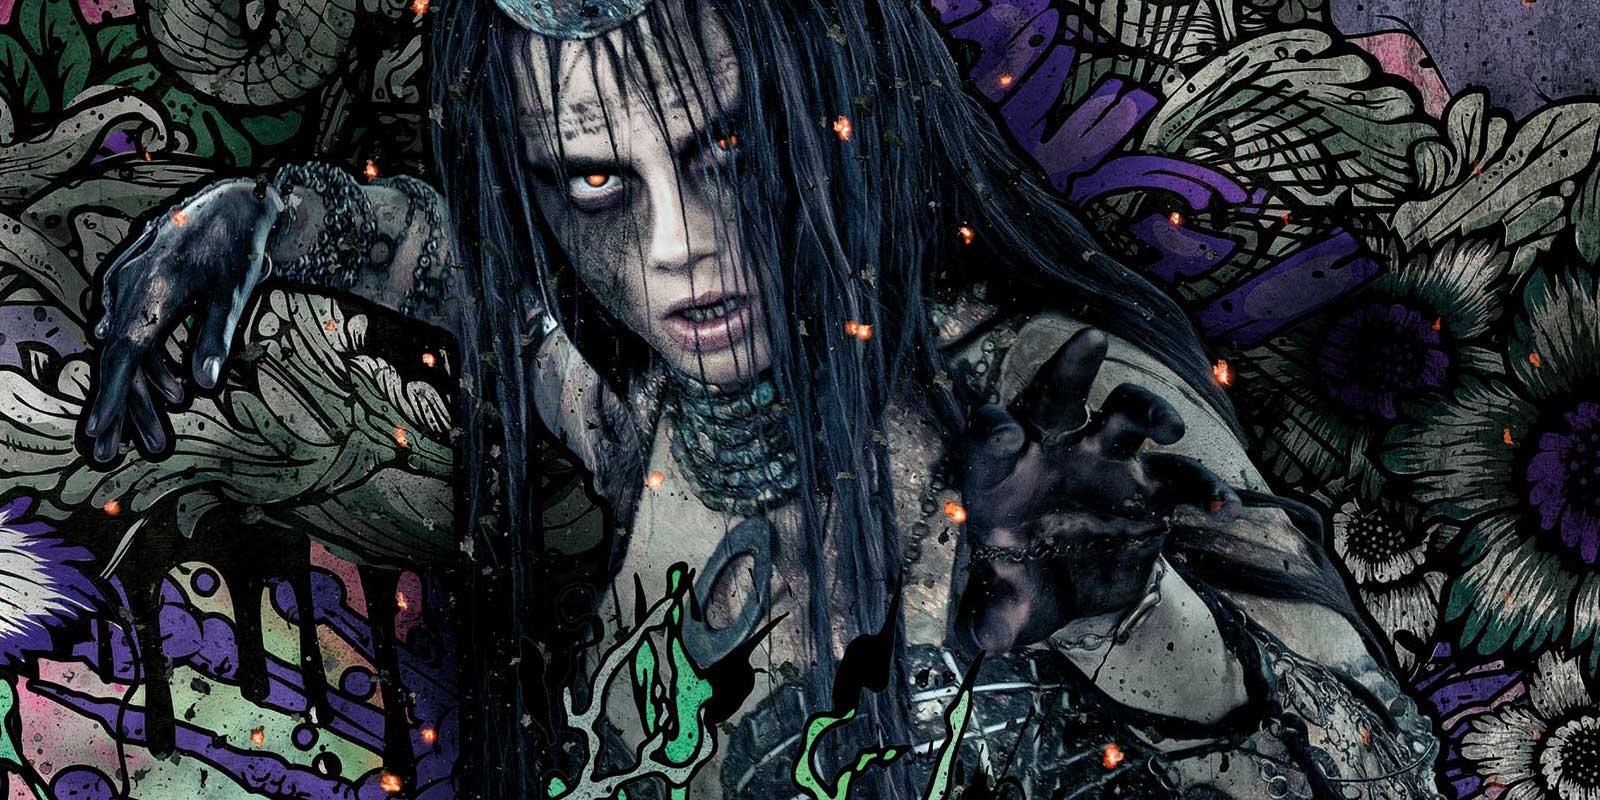 Suicide Squad spoilers - Enchantress